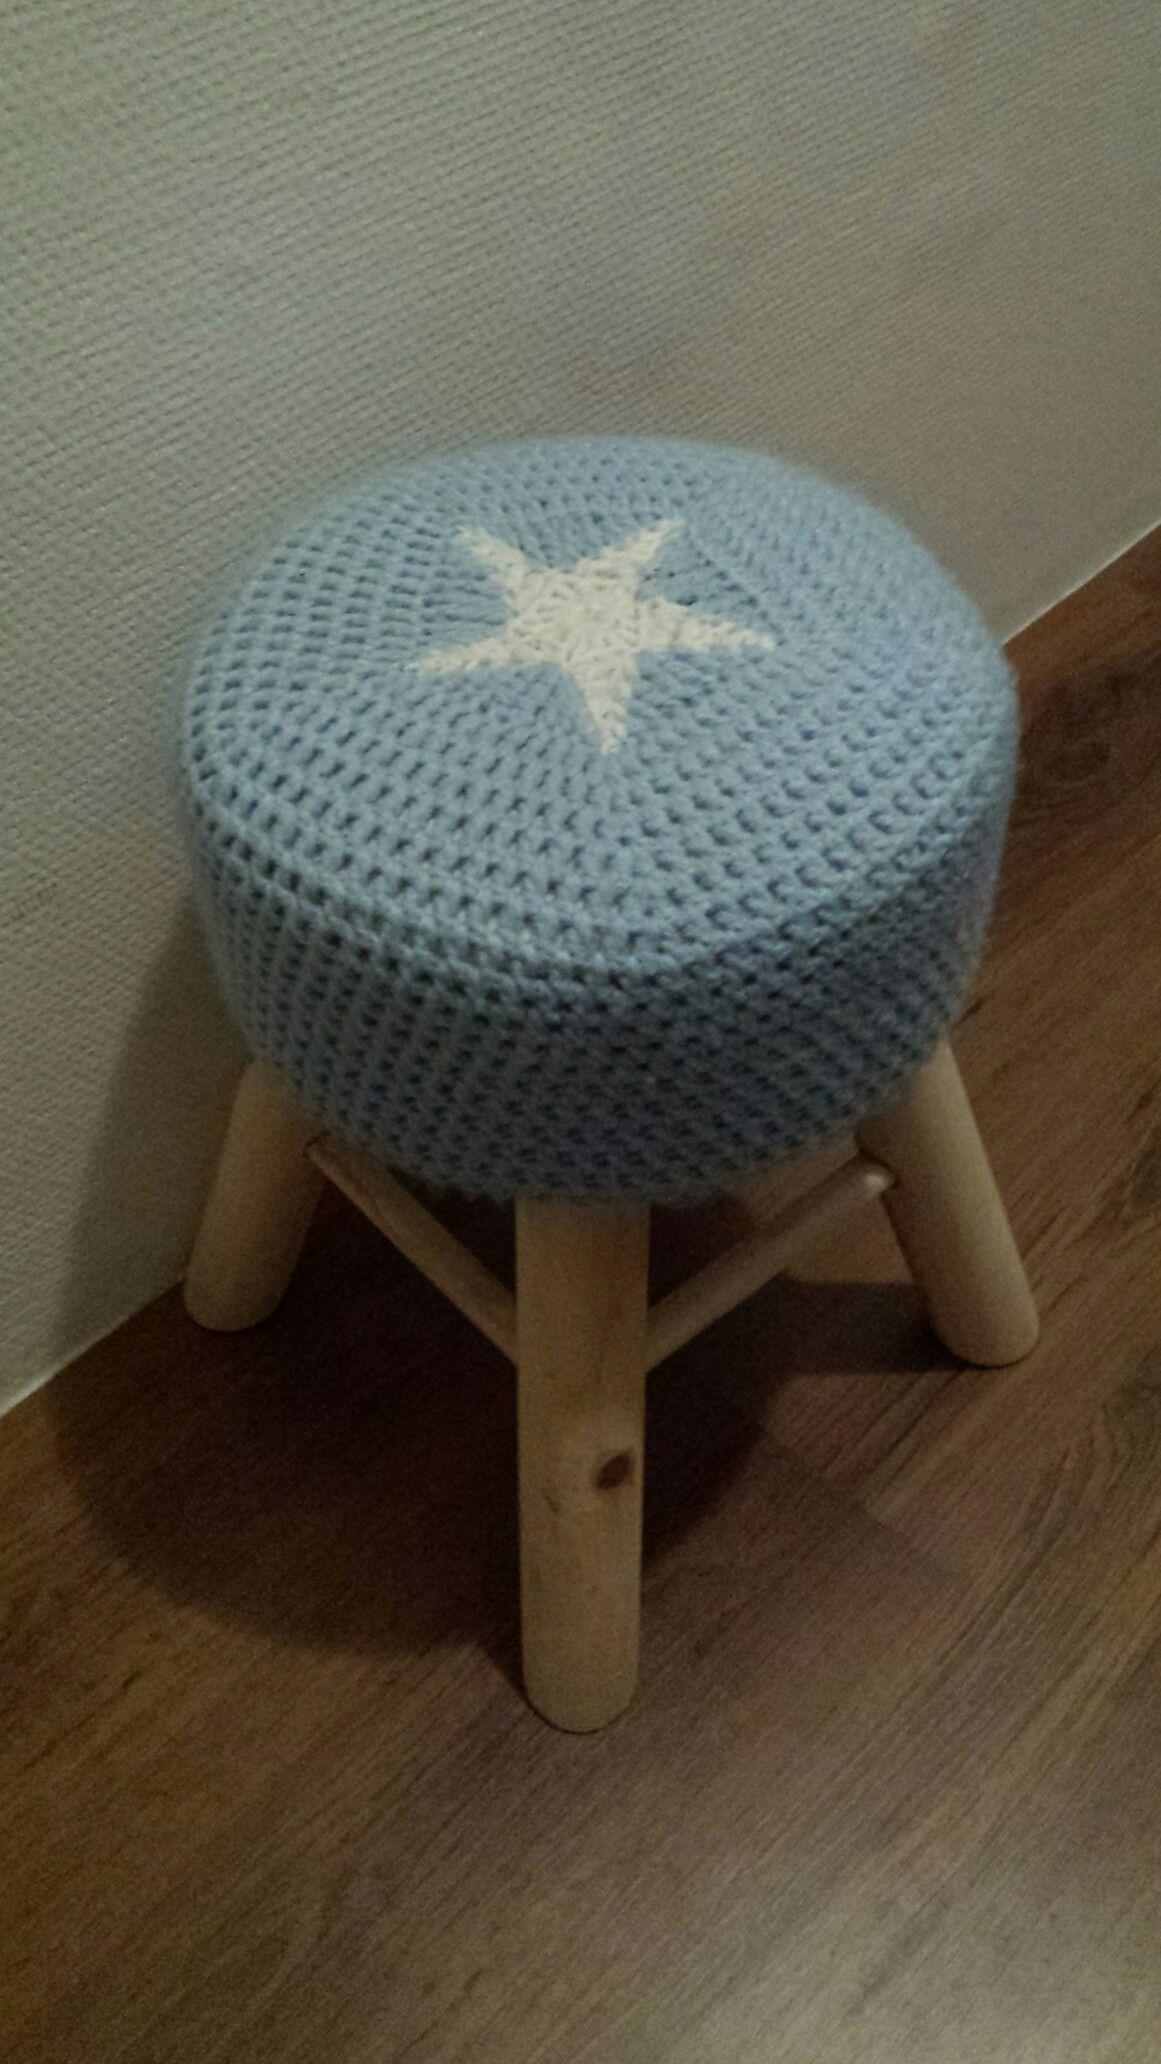 Action Krukje Omgehaakt Haken Door Mij Gehaakt Crochet